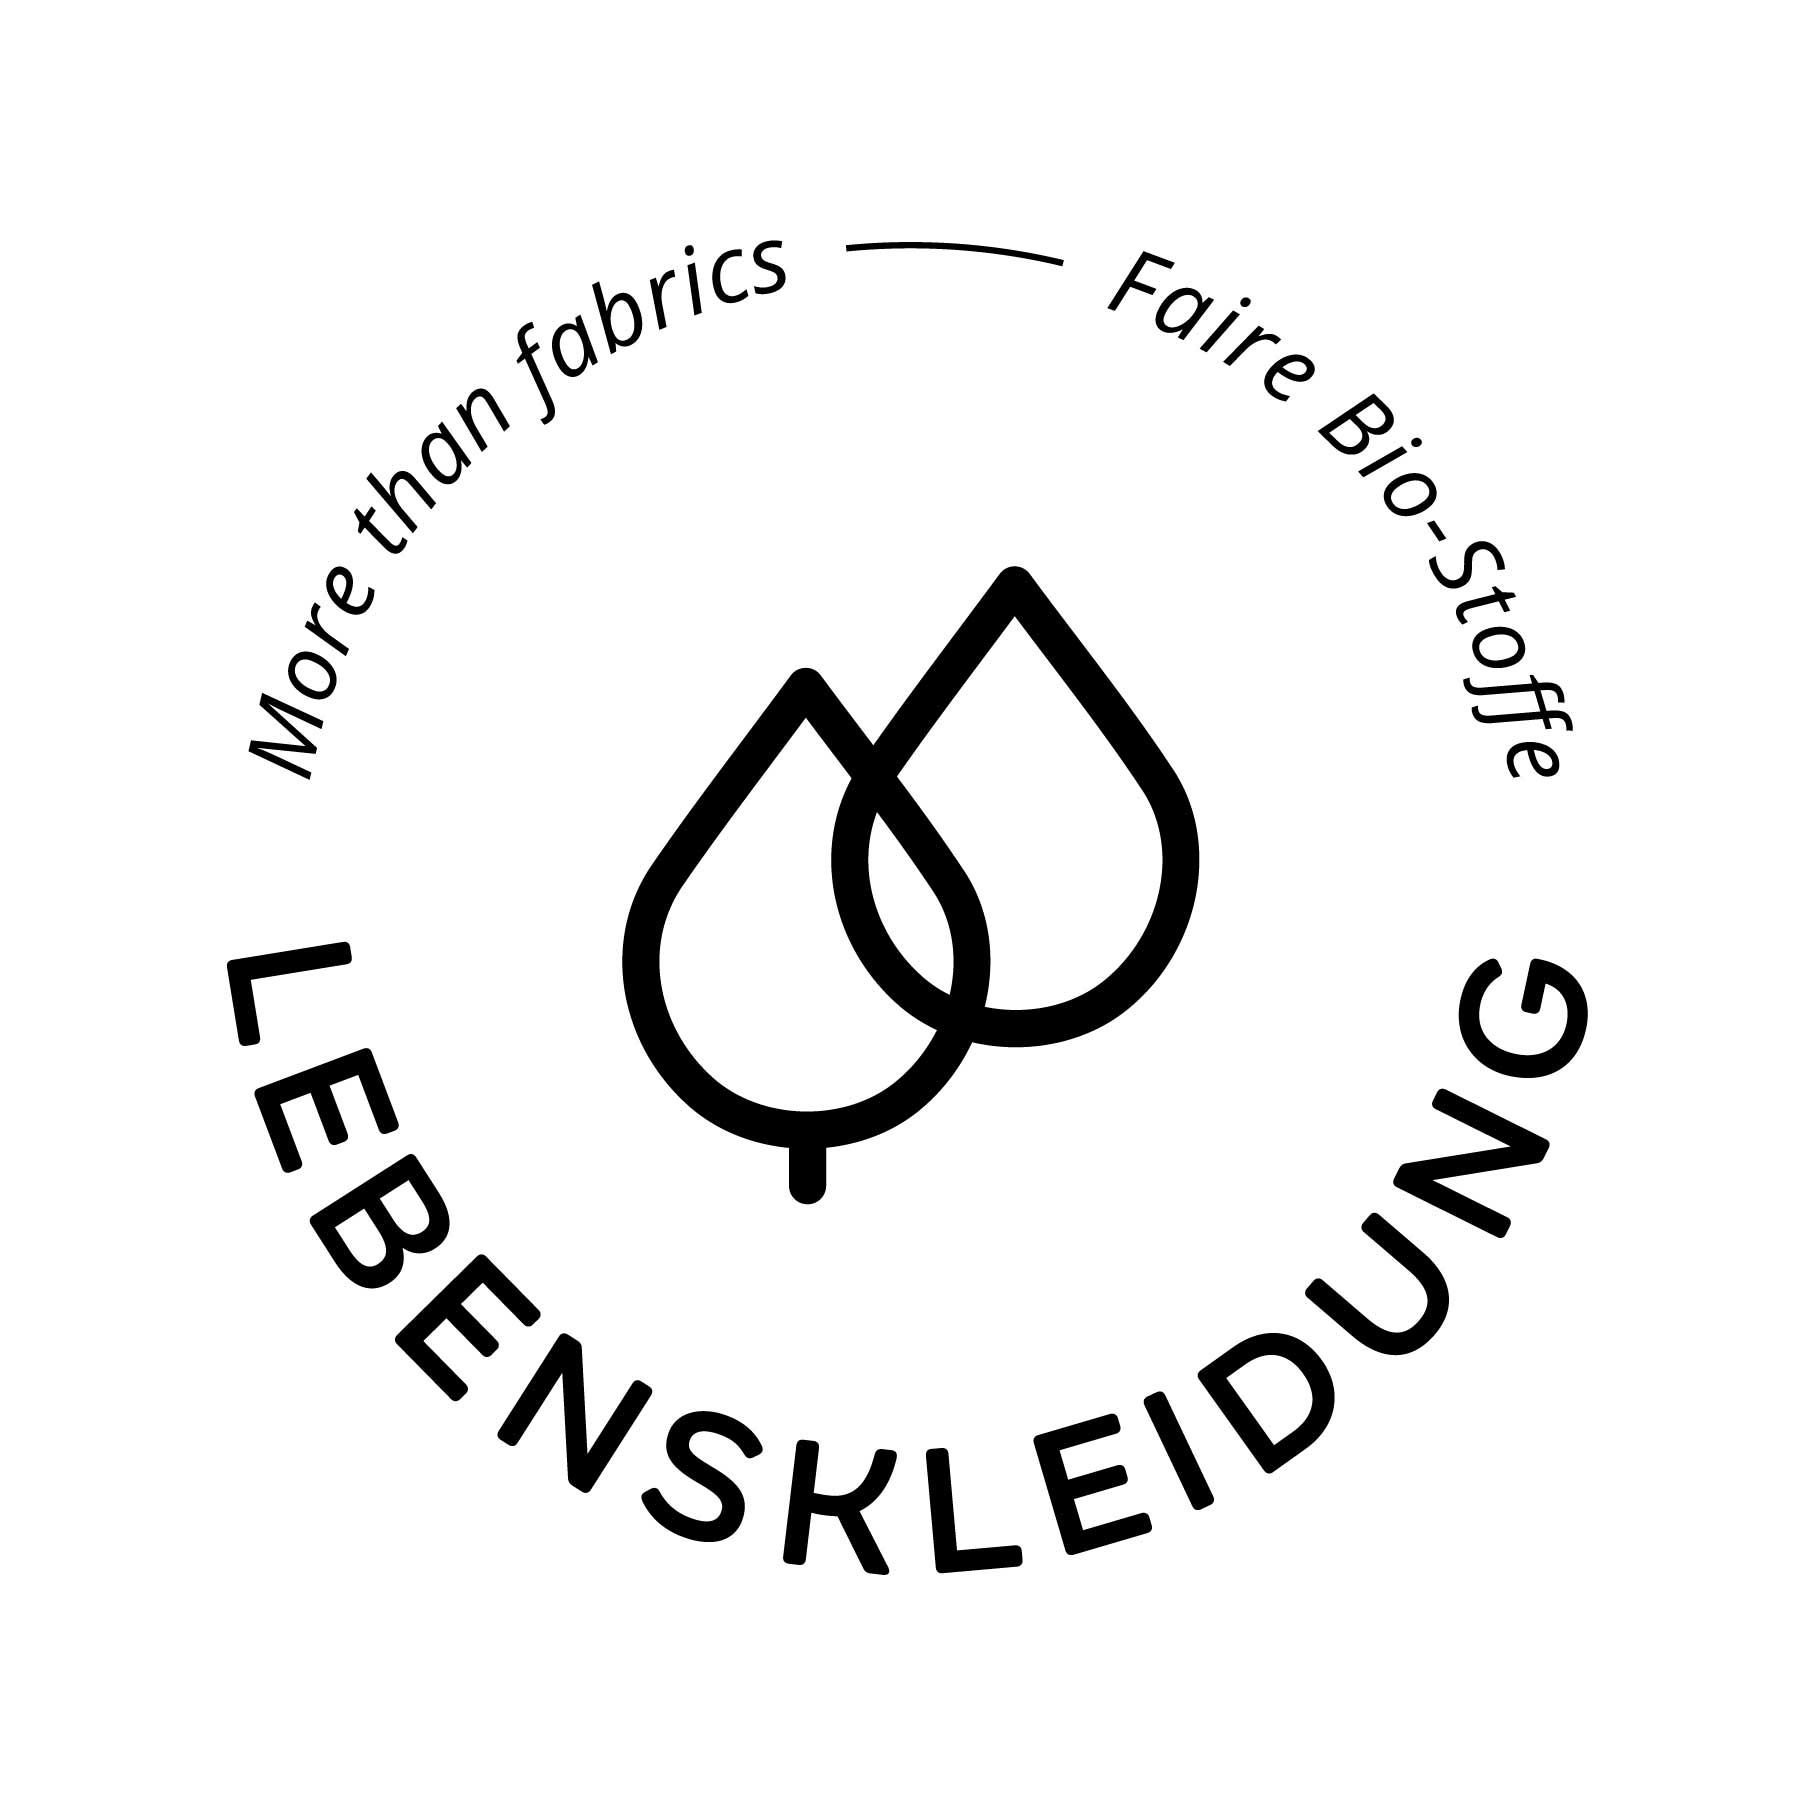 Stampa digitale di campioni di panoramica-1